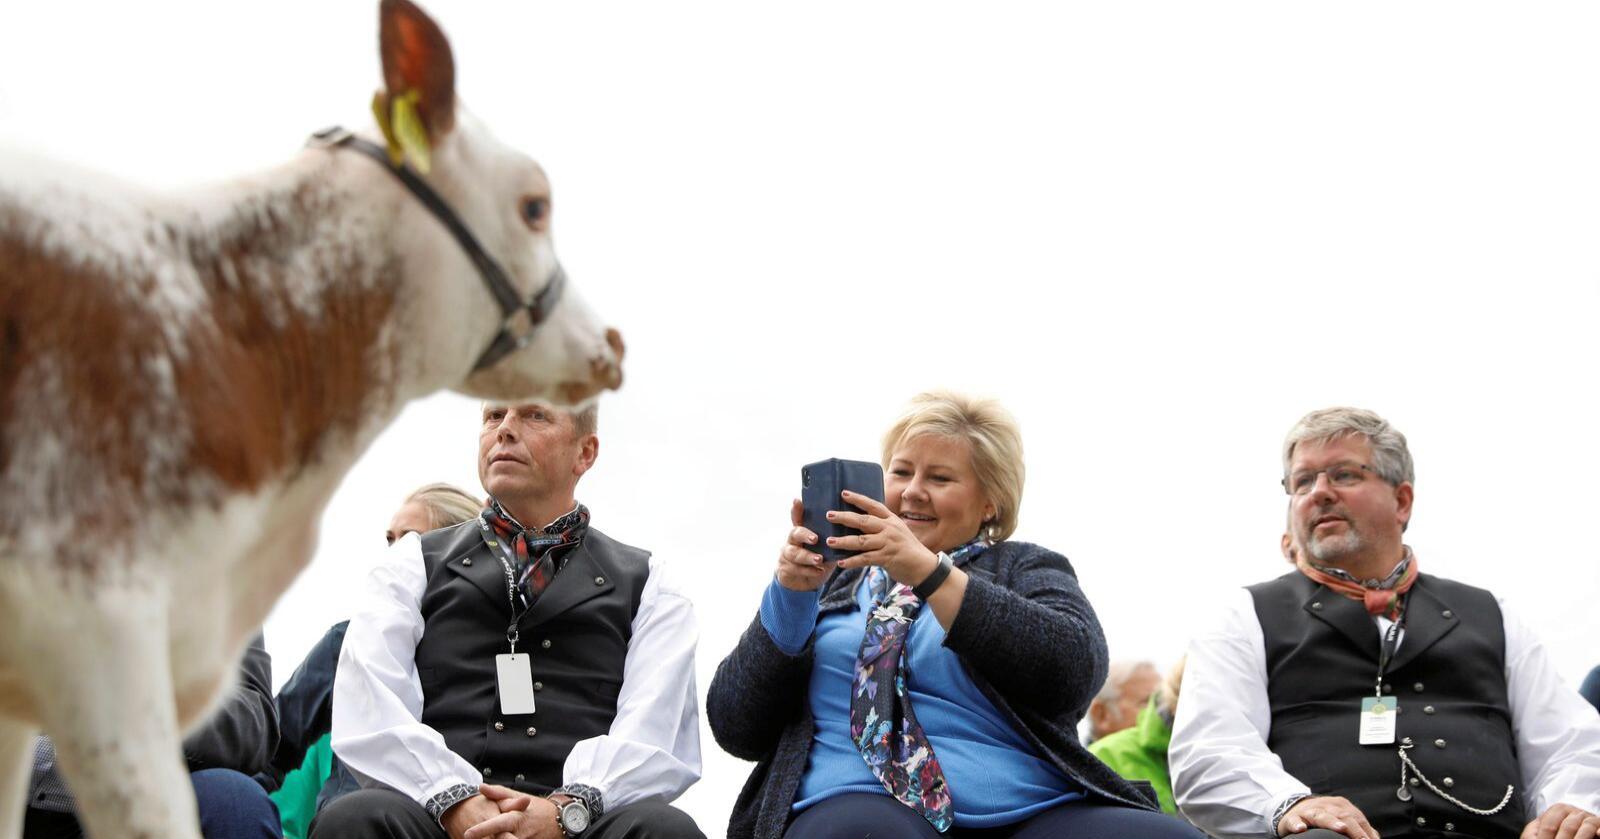 Kultur?: Statsminister Erna Solberg (H) deltok i 2018 på Dyrsku'n i Seljord. Men er landbruks- og matmesser kultur eller næring? Begge delar eller ingen av delane? Foto: Tore Meek / NTB scanpix